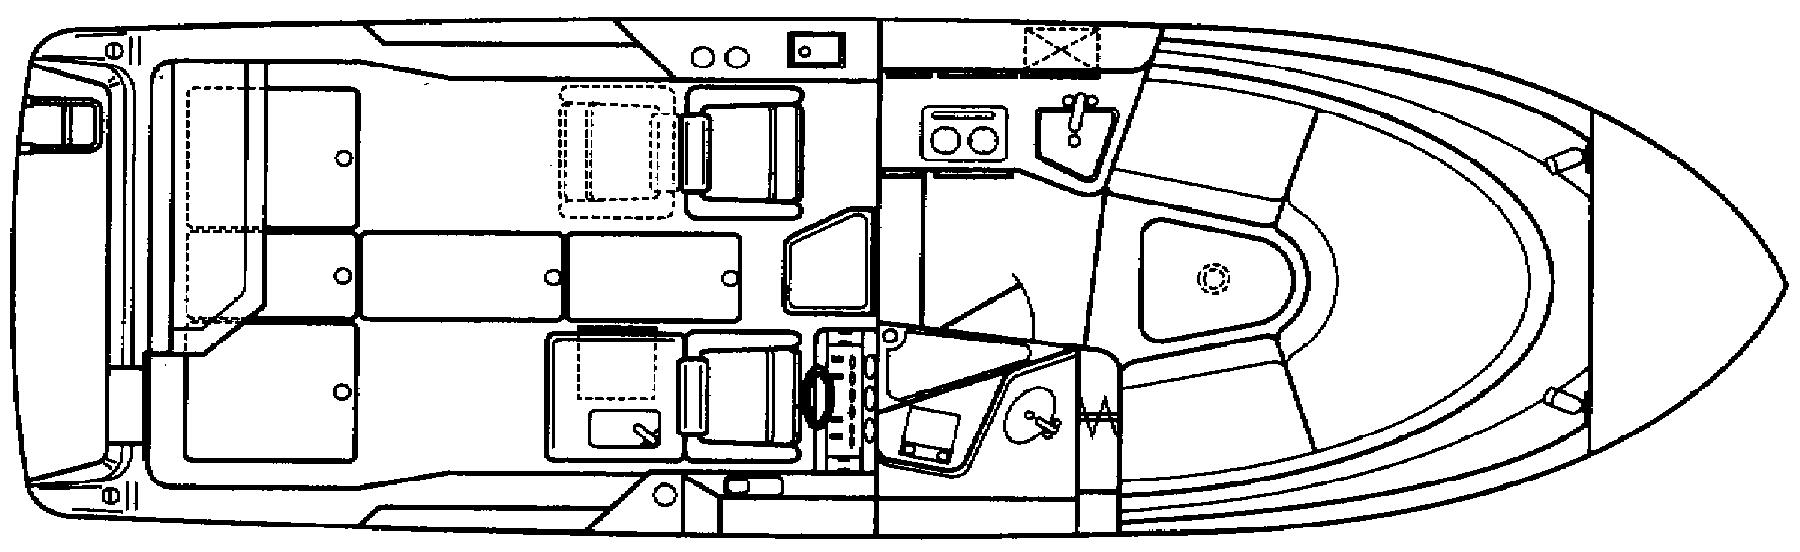 280-300 Weekender Floor Plan 1